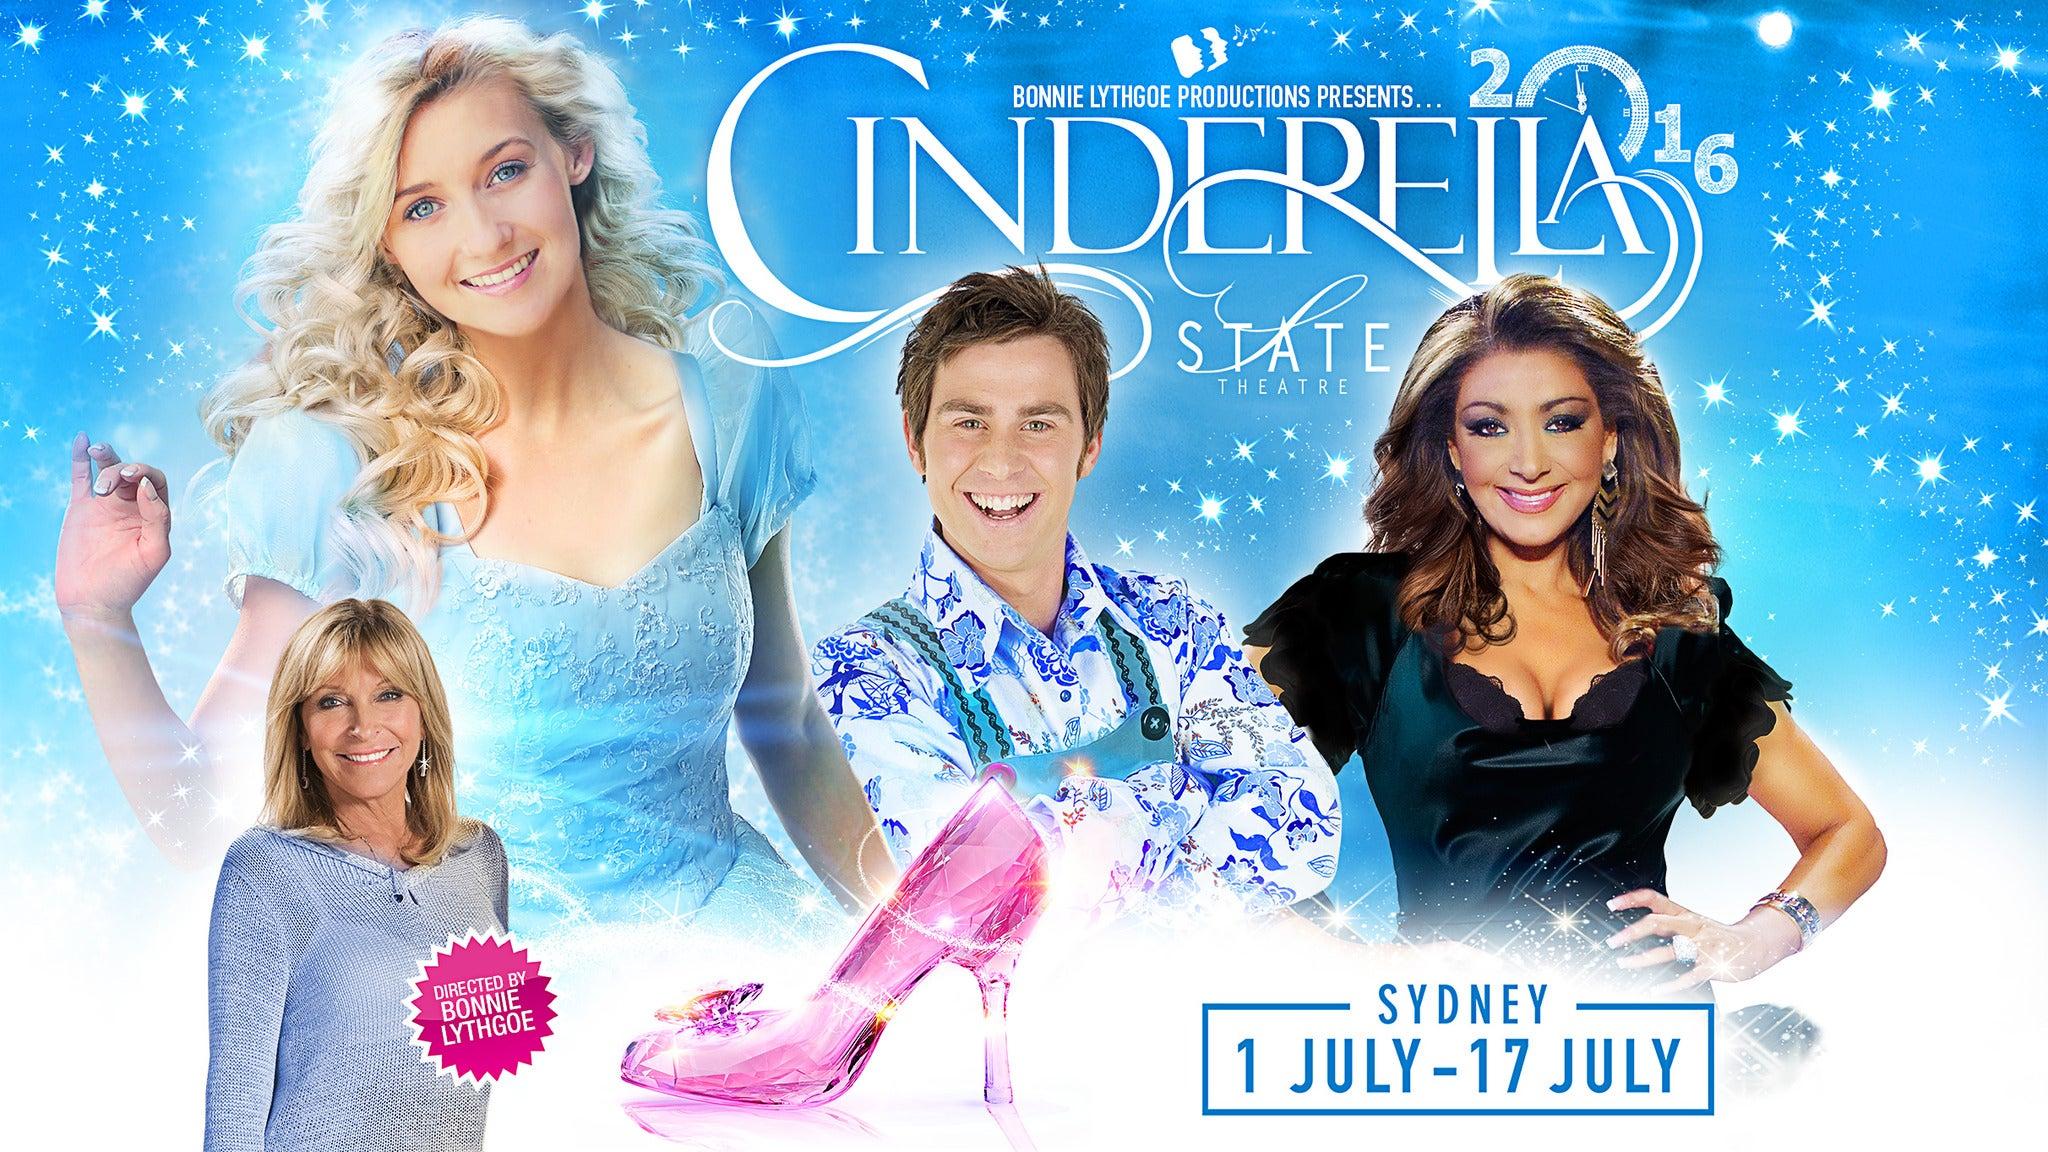 Cinderella at Birmingham Children's Theatre at the BJCC - Birmingham, AL 35203